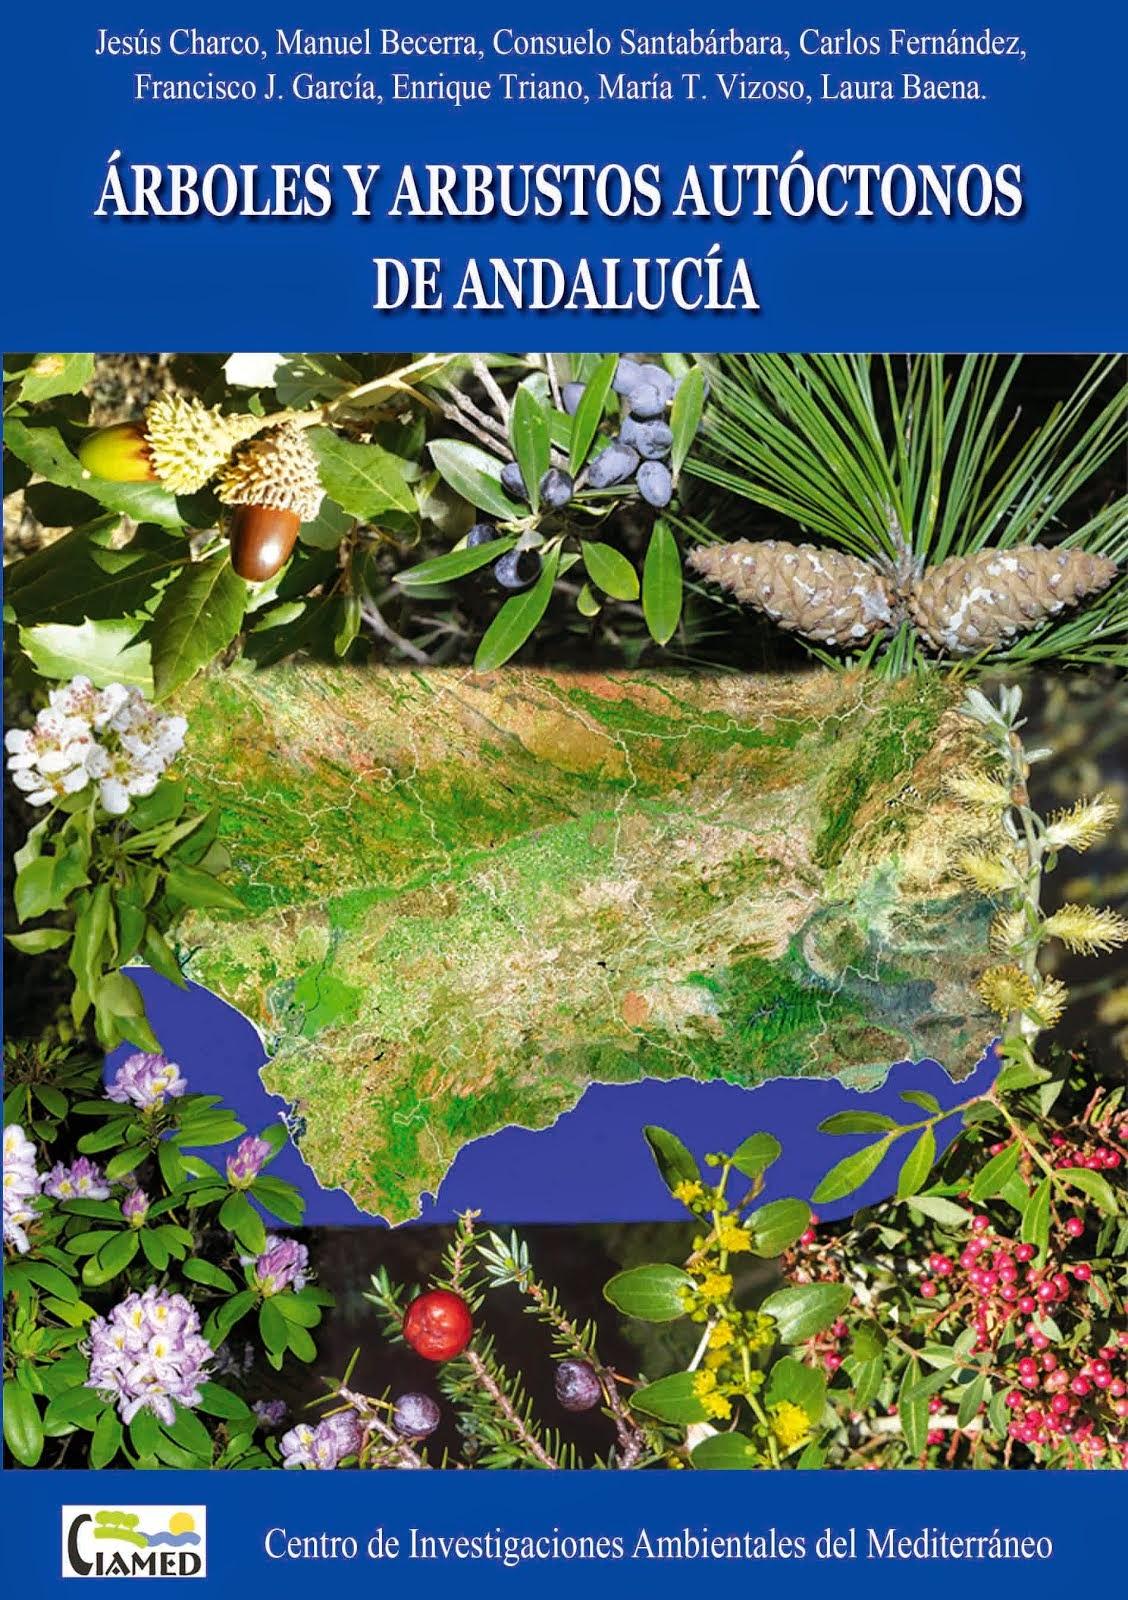 Arboles y arbustos autóctonos de Andalucía